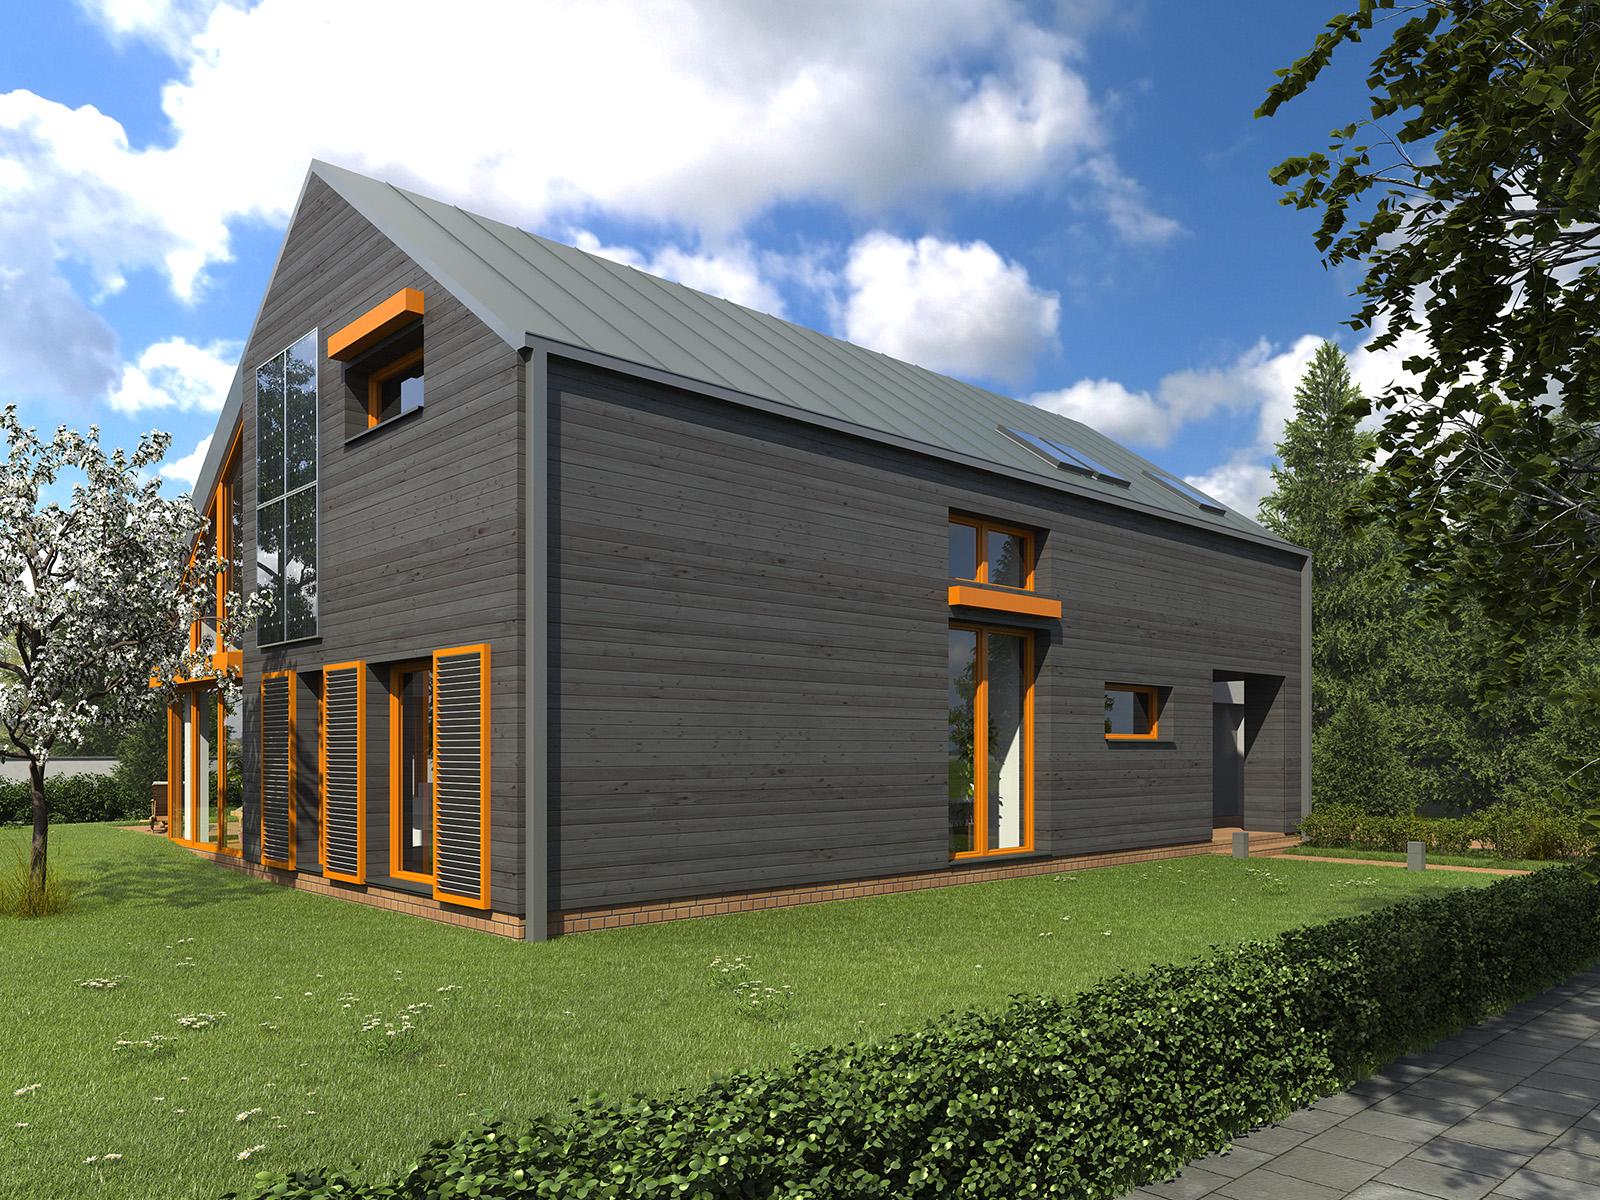 Projekt domu WYCIĘTY Z ANTRESOLĄ Domy Czystej Energii widok od frontu